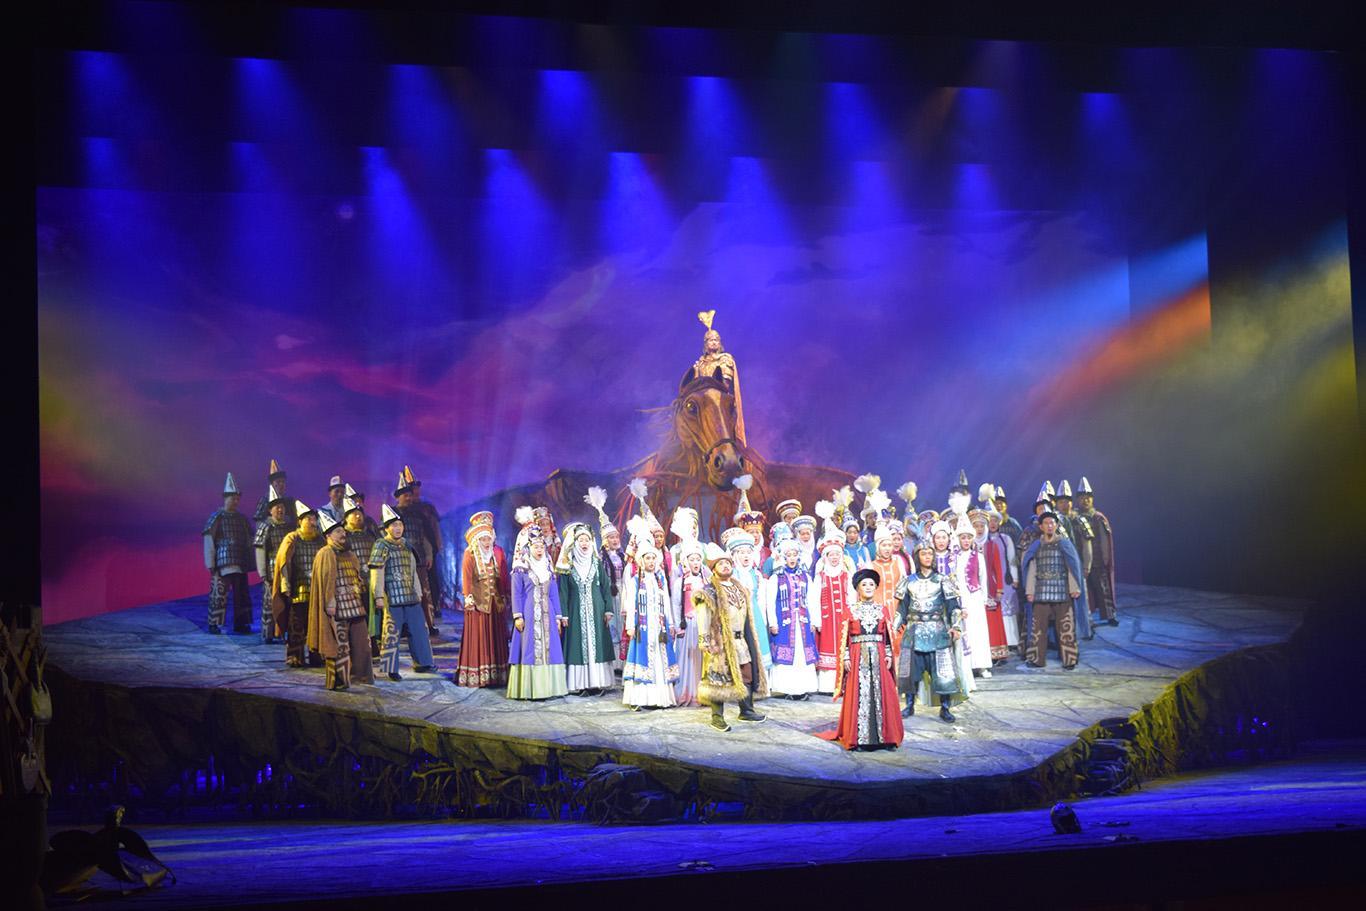 В Пекине прошла постановка оперы по эпосу «Манас» на китайском языке